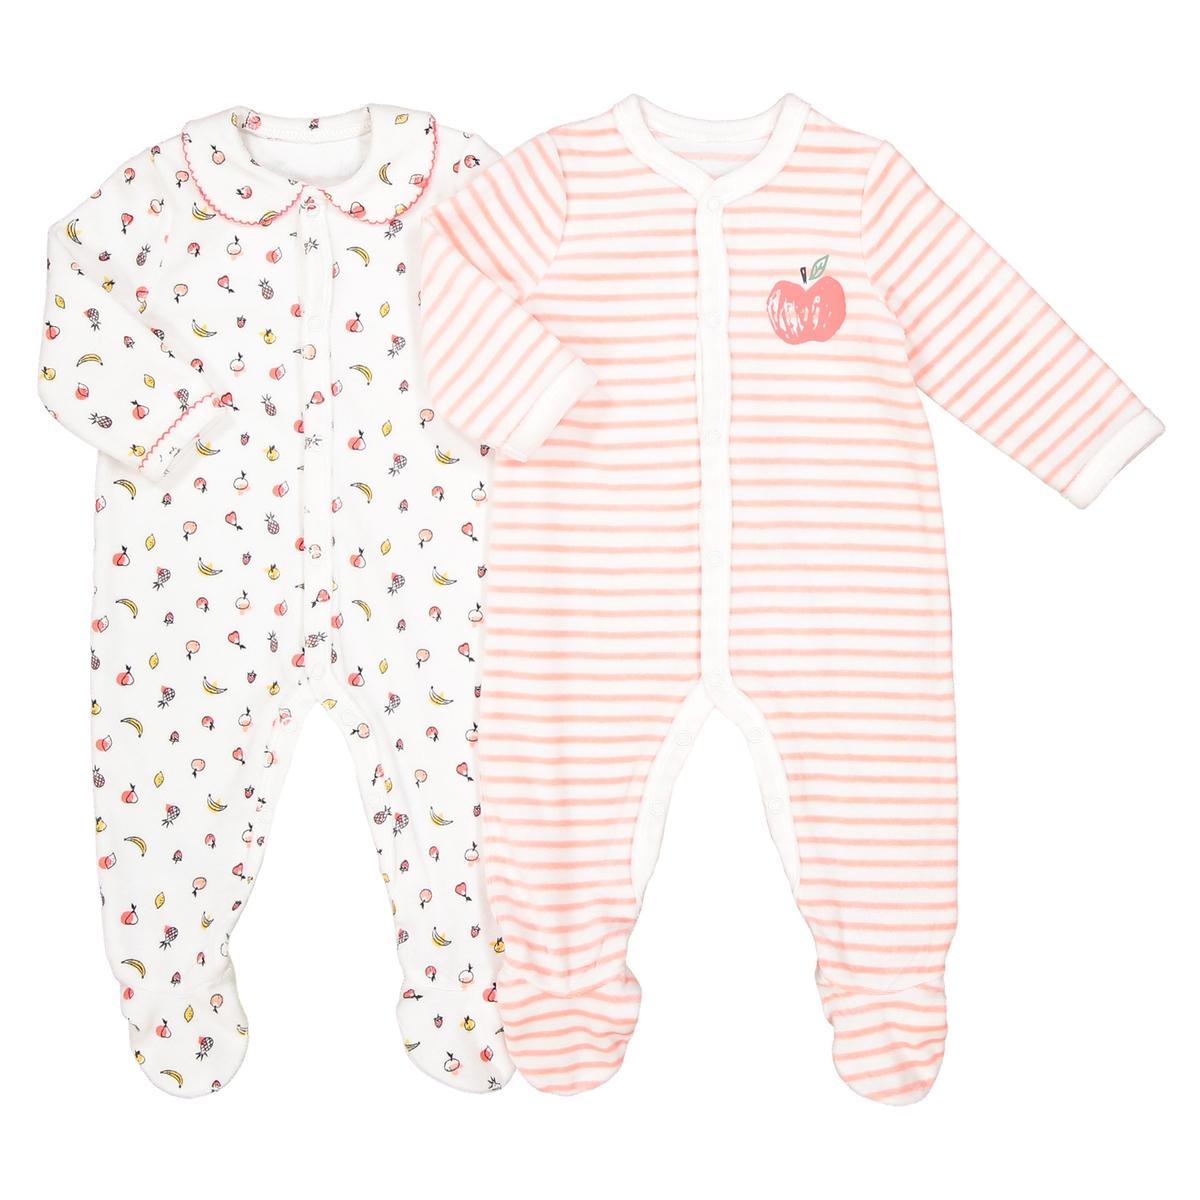 Комплект из 2 пижам из велюра, 0 мес. - 3 годаОписание:2 пижамы из очень мягкого велюра. Застежка спереди : очень удобно для переодевания малыша в первые месяцы жизни. Детали •  2 пижамы : 1 пижама с мелким рисунком + 1 пижама в полоску с рисунком Яблоко. •  Длинные рукава. •  Круглый вырез. •  Носки с противоскользящими элементами для размеров от 12 месяцев  (74 см).Состав и уход •  Материал : 75% хлопка, 25% полиэстера. •  Стирать при температуре 30° на деликатном режиме с вещами схожих цветов. •  Стирать и гладить с изнанки при низкой температуре. •  Деликатная сушка в машинке.Товарный знак Oeko-Tex® . Знак Oeko-Tex® гарантирует, что товары прошли проверку и были изготовлены без применения вредных для здоровья человека веществ.<br><br>Цвет: оранжевый + экрю<br>Размер: 18 мес. - 81 см.1 год - 74 см.9 мес. - 71 см.6 мес. - 67 см.3 мес. - 60 см.0 мес. - 50 см.рожденные раньше срока